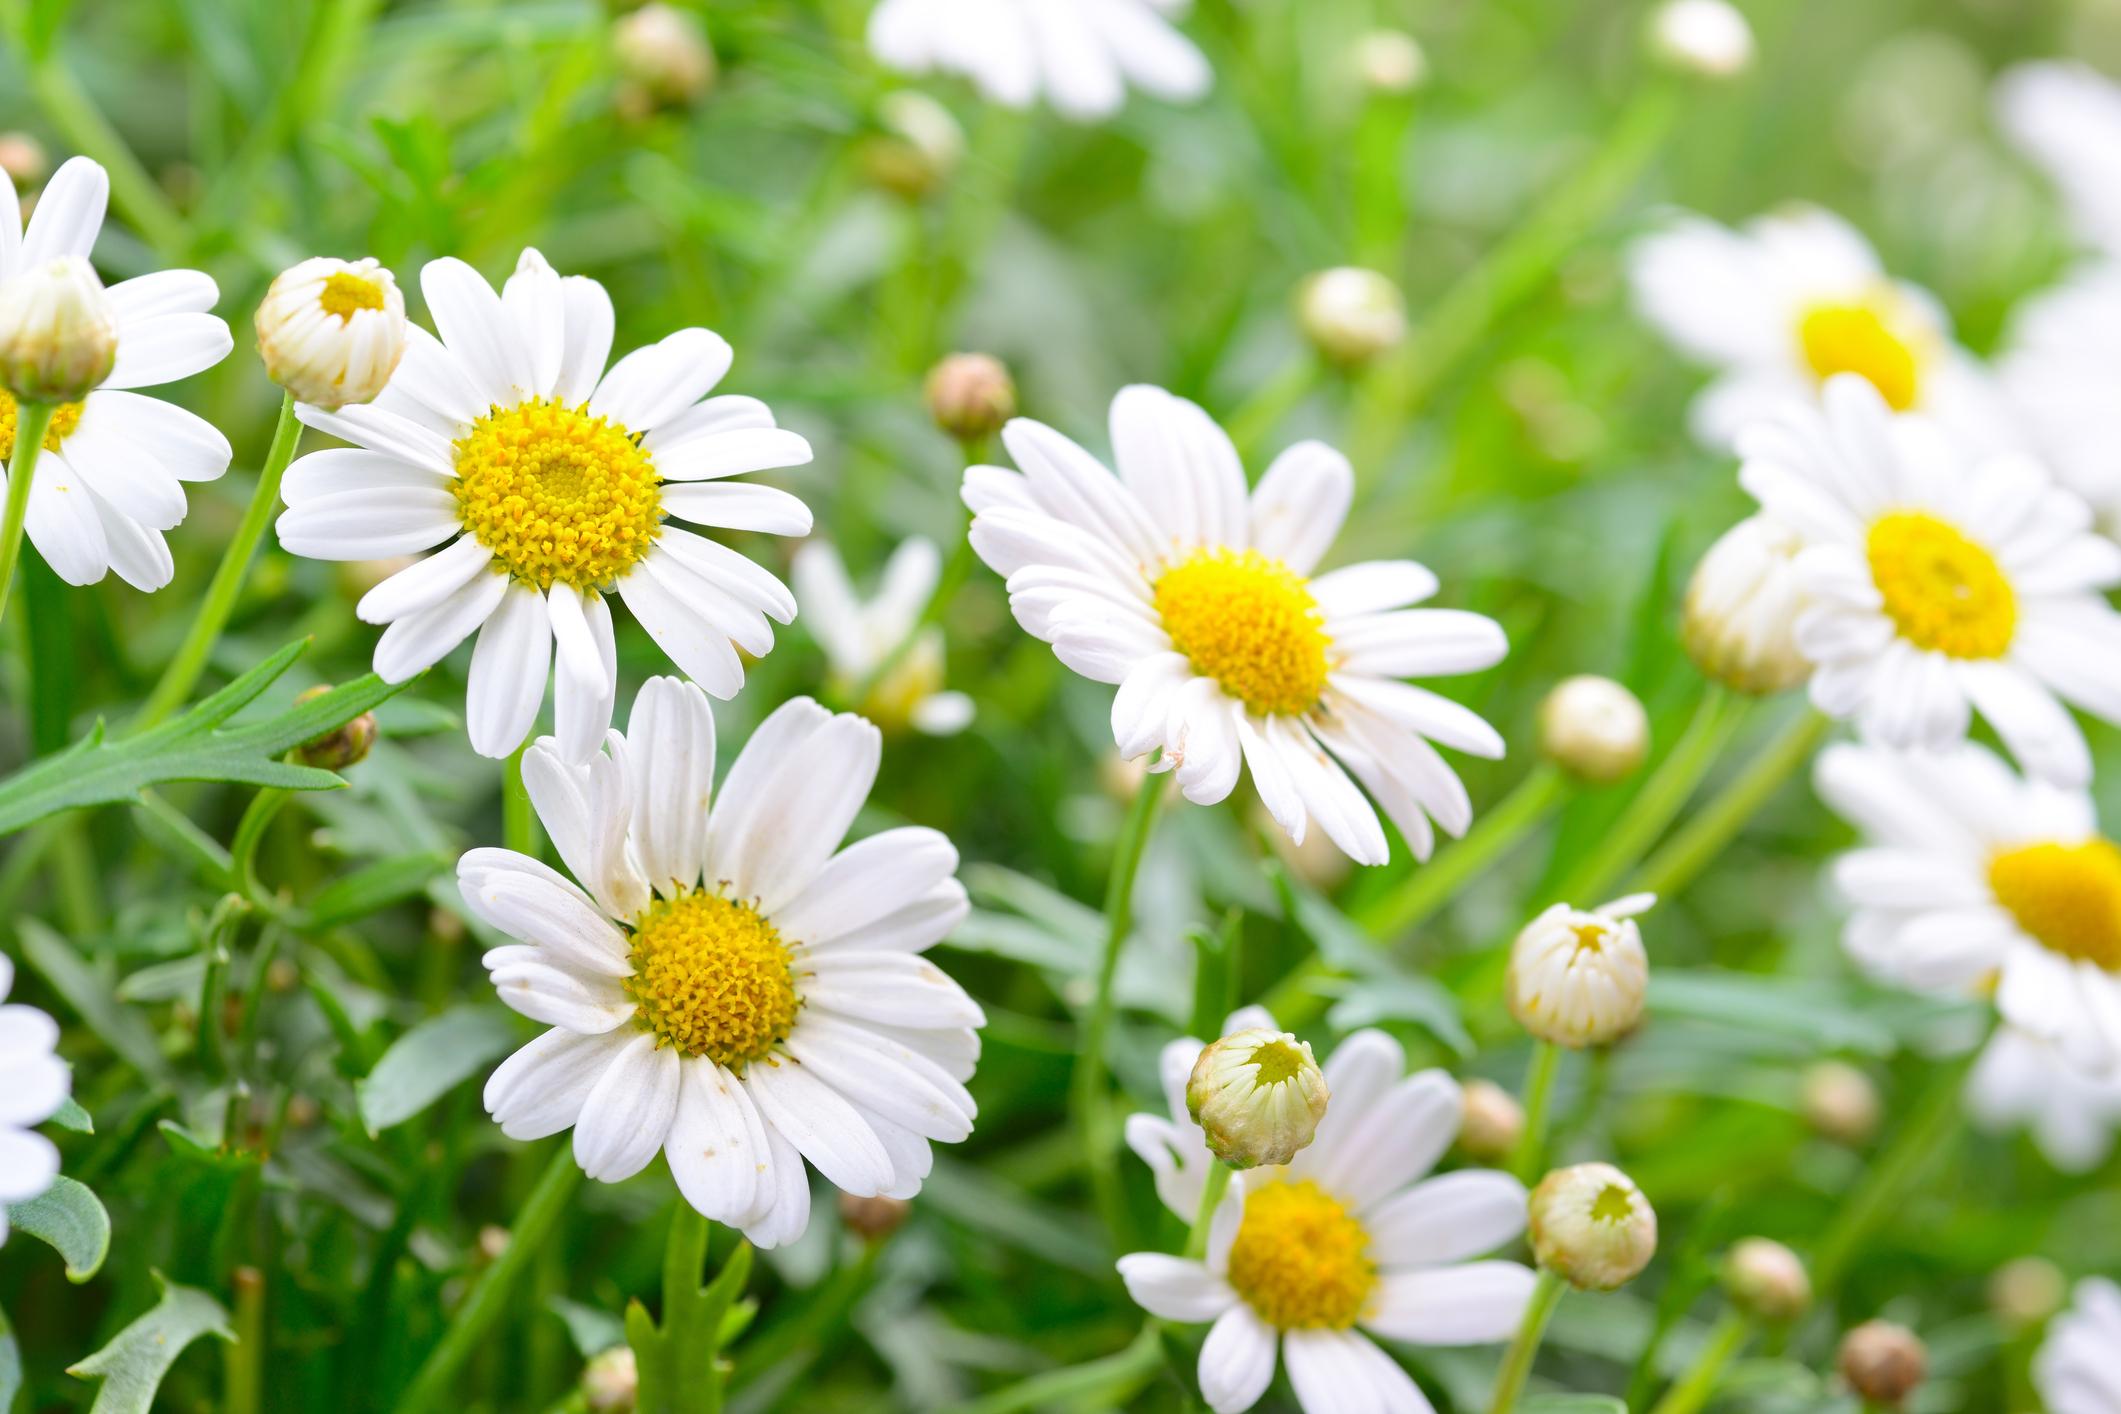 Hoa cúc là biểu tượng của tình yêu chân thành